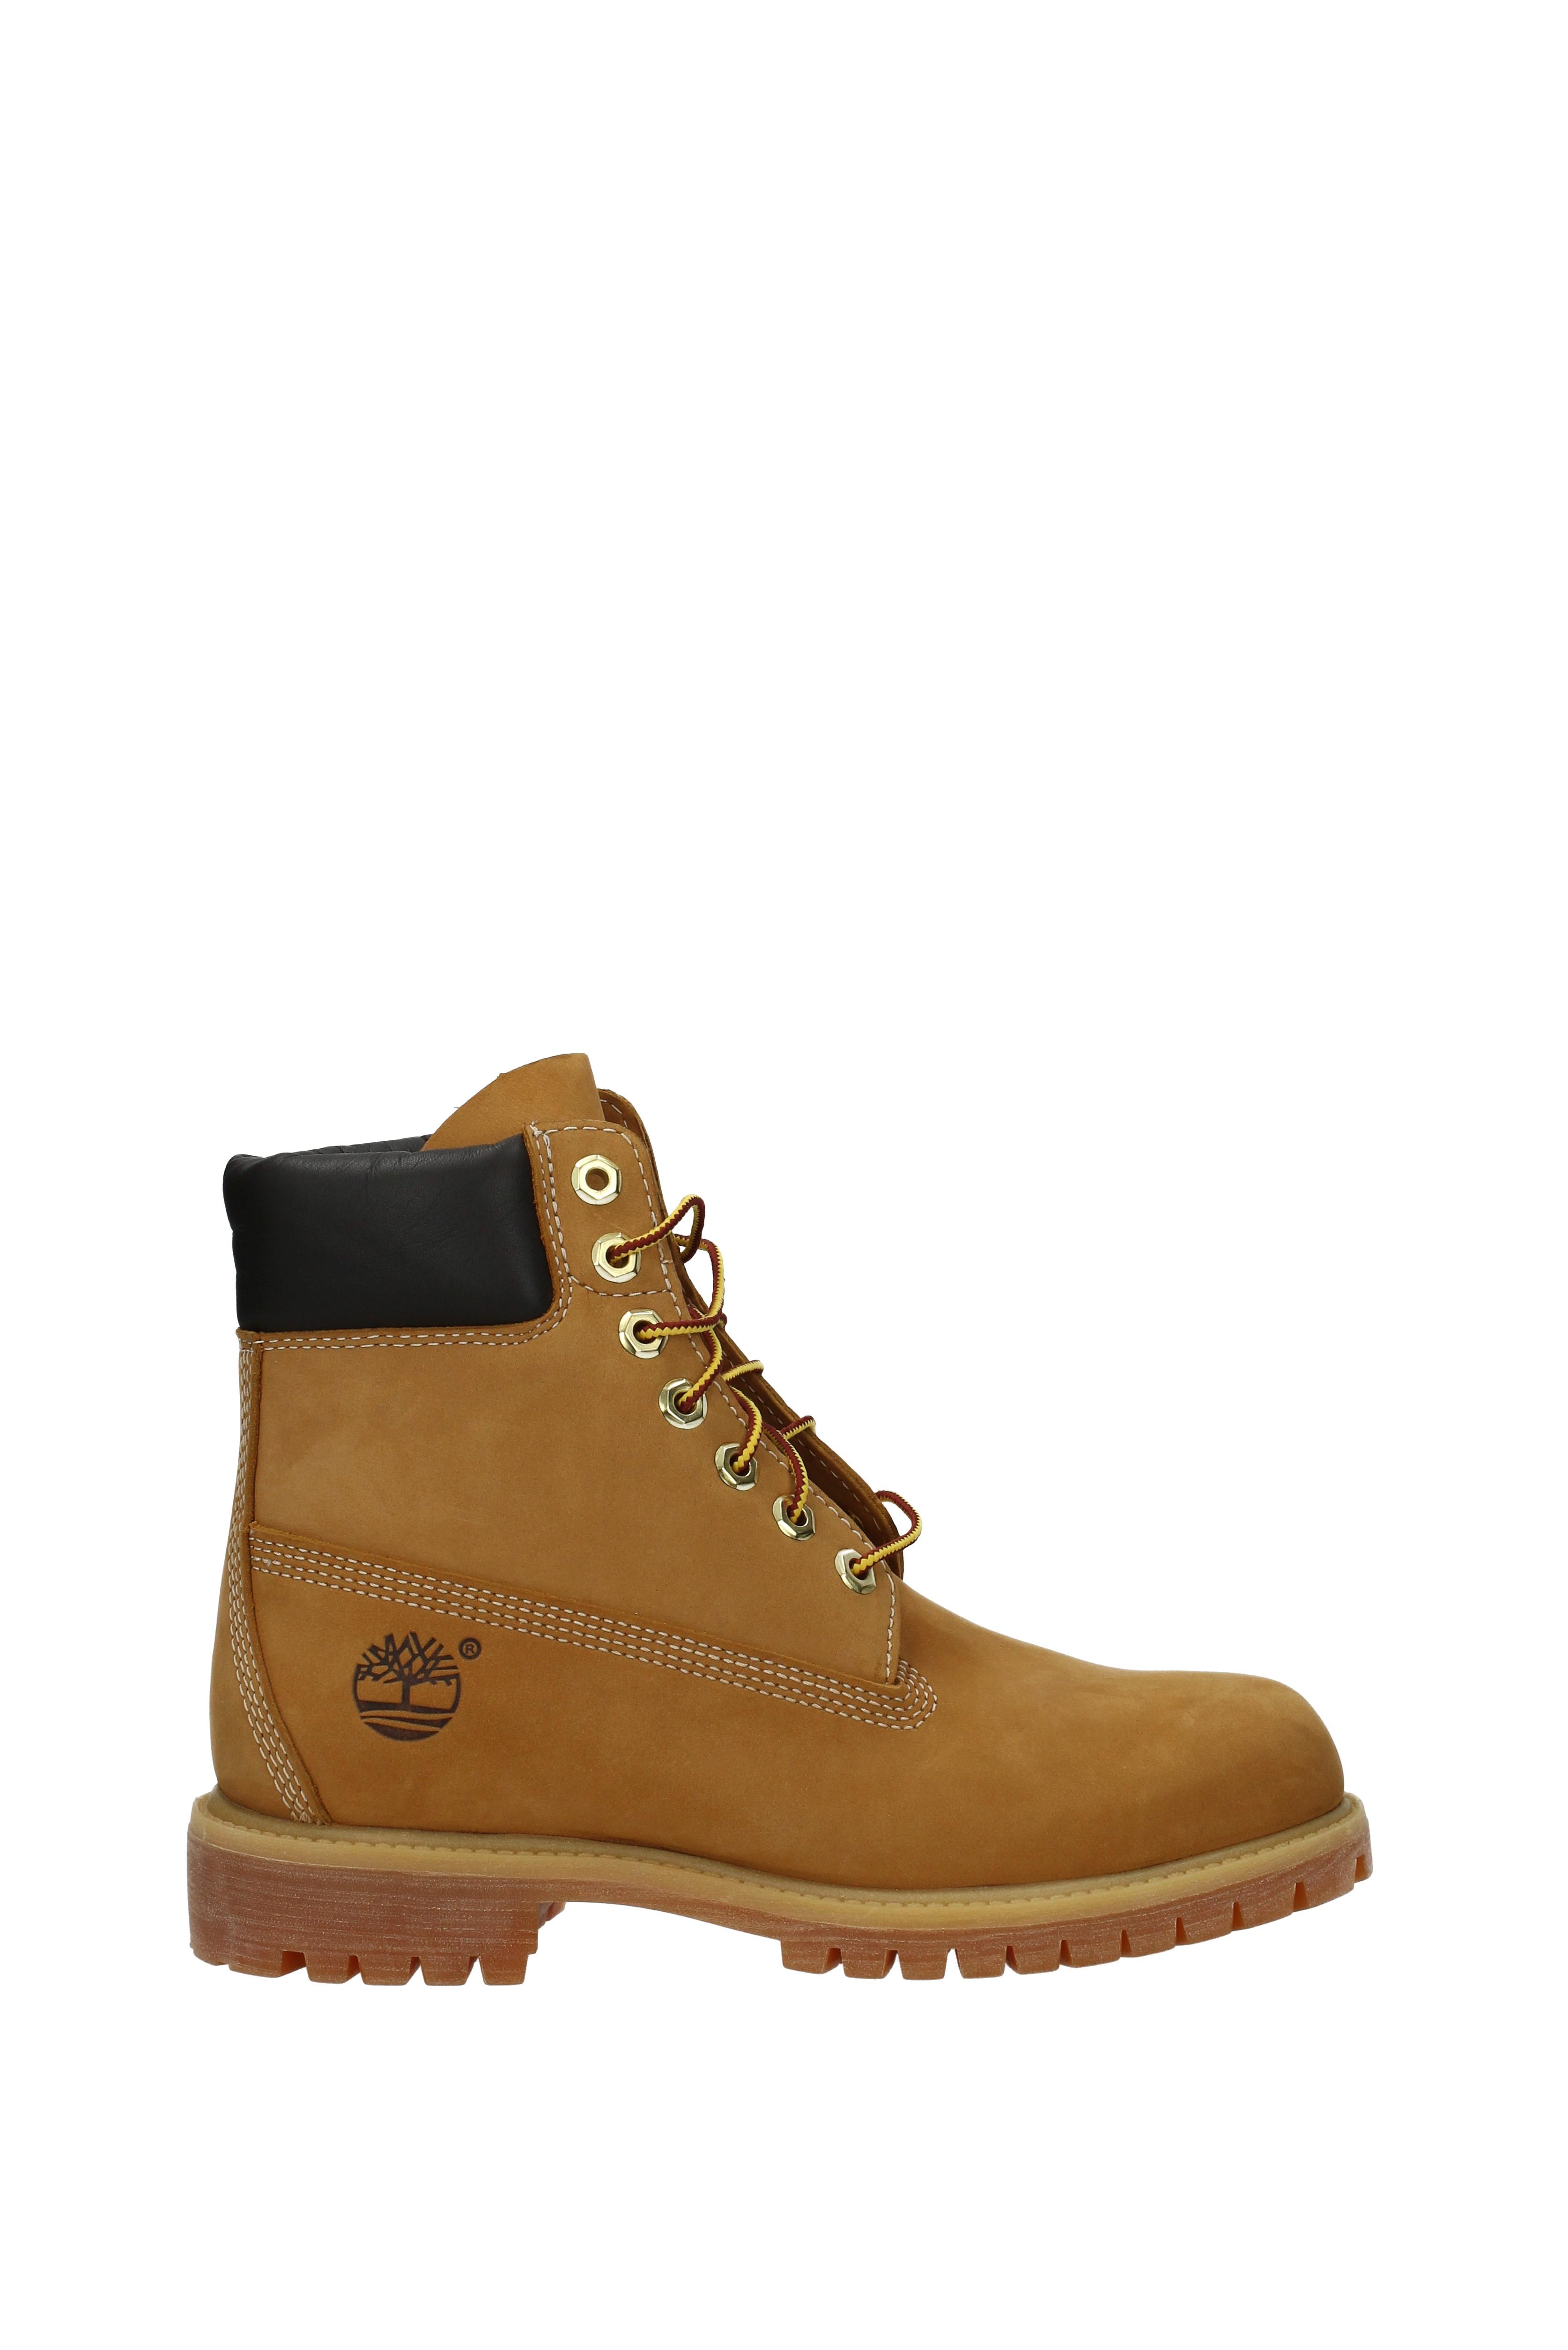 scarpe uomo timberland estive ebay